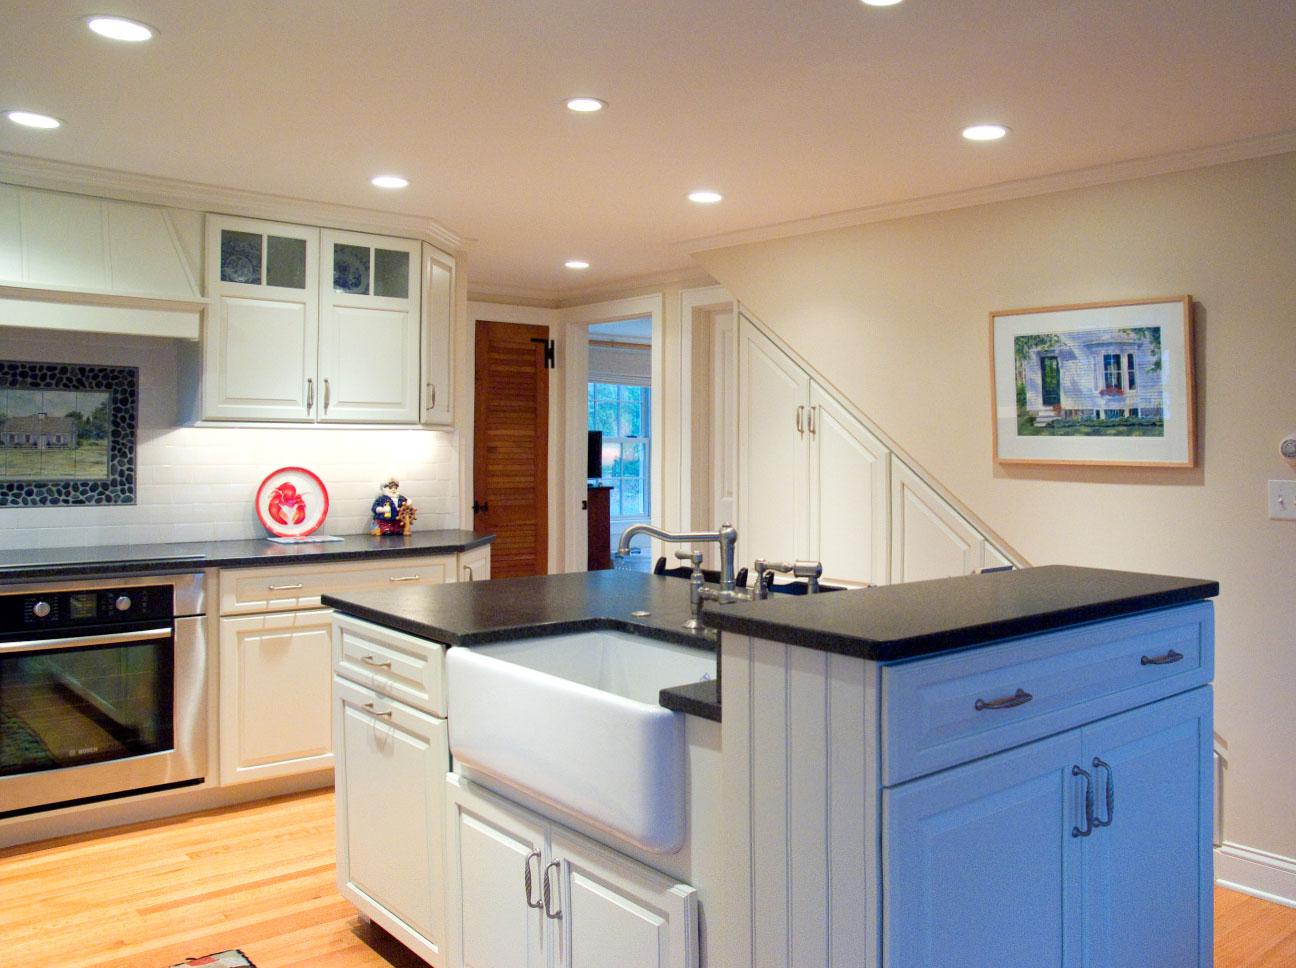 Douston-Kitchens-New Farmhouse